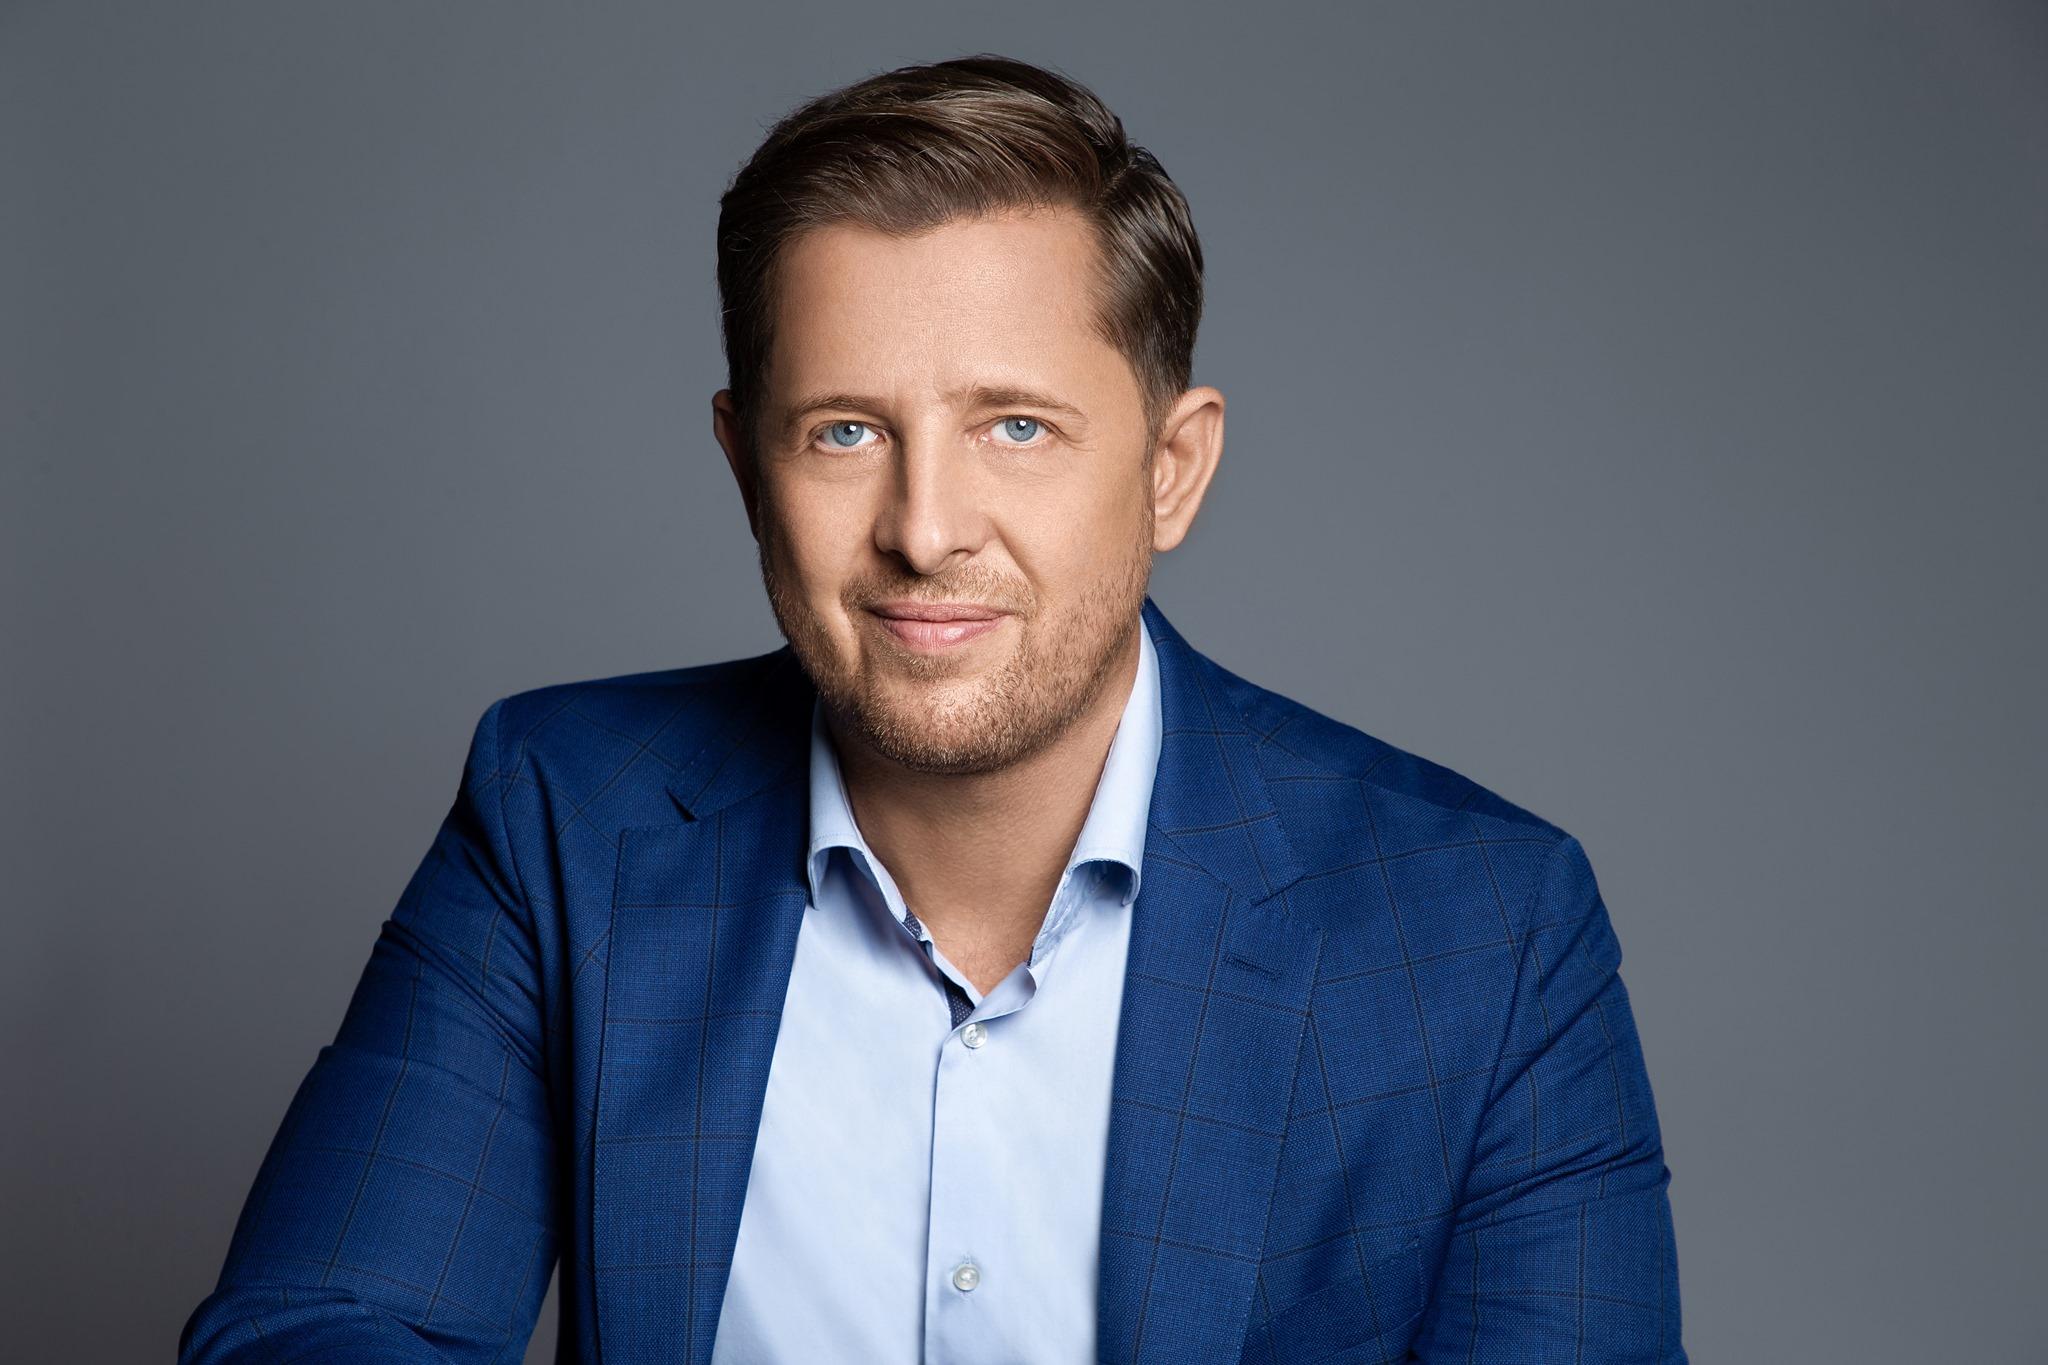 Poza Hubert Petru Ştefan THUMA, Președintele Consiliului Județean Ilfov